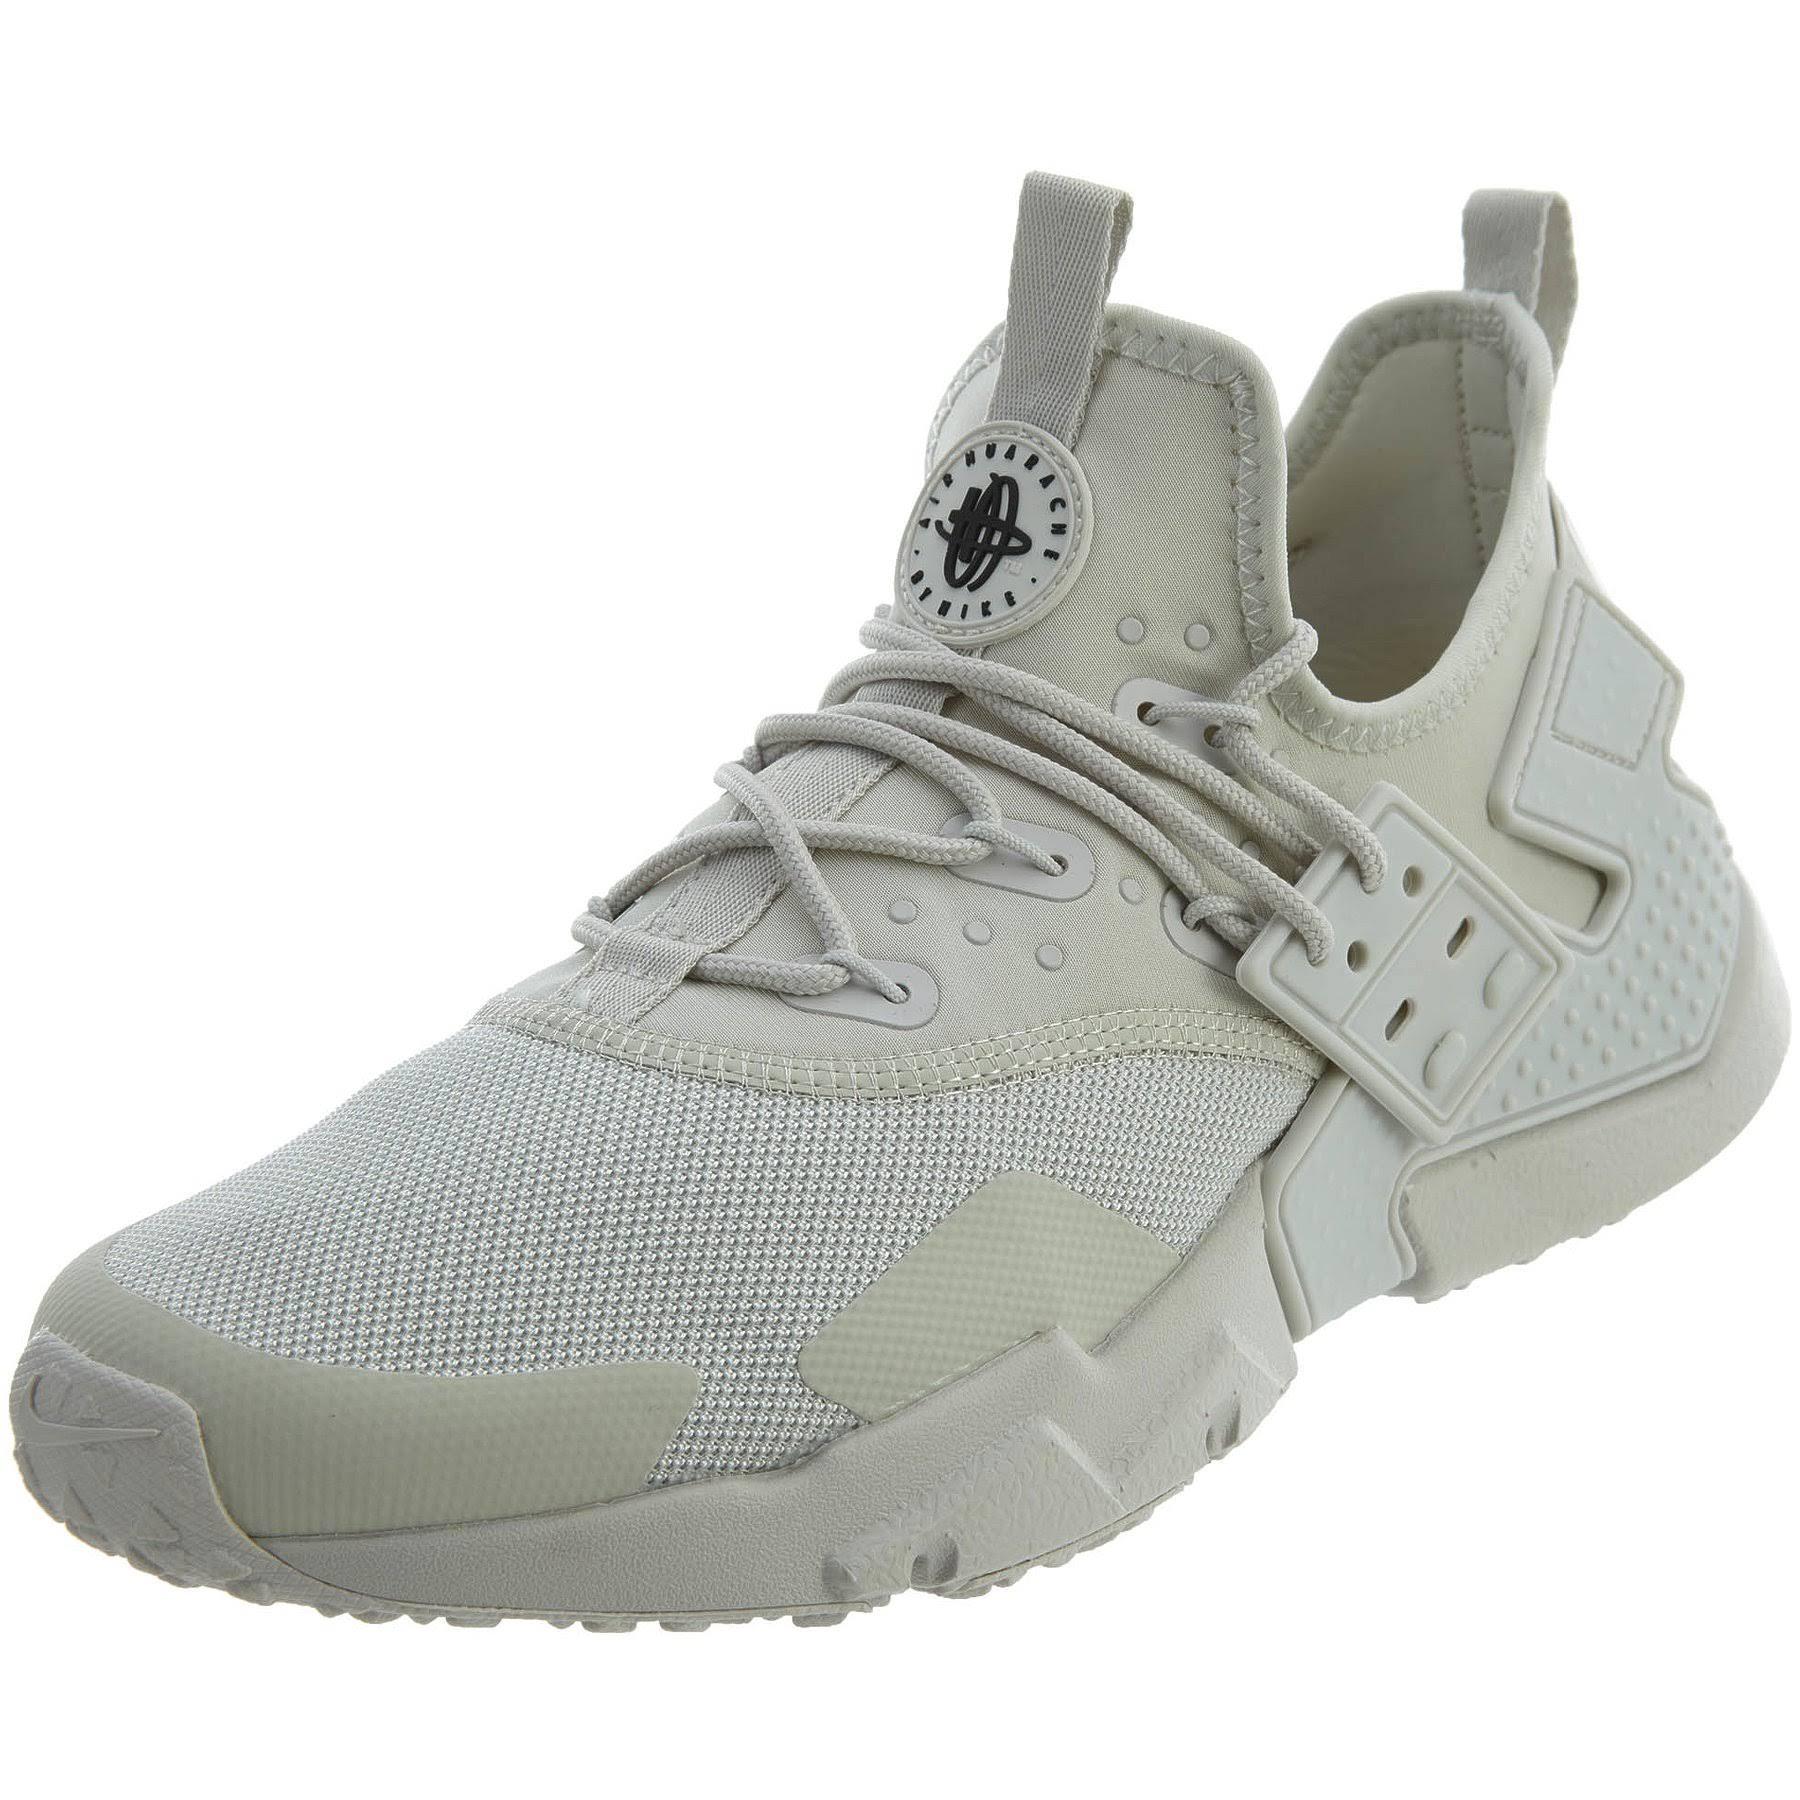 Nike Ah7334001 Hombre Huarache Para Zapatos 12 Air Drift Tamaño qvrPCq